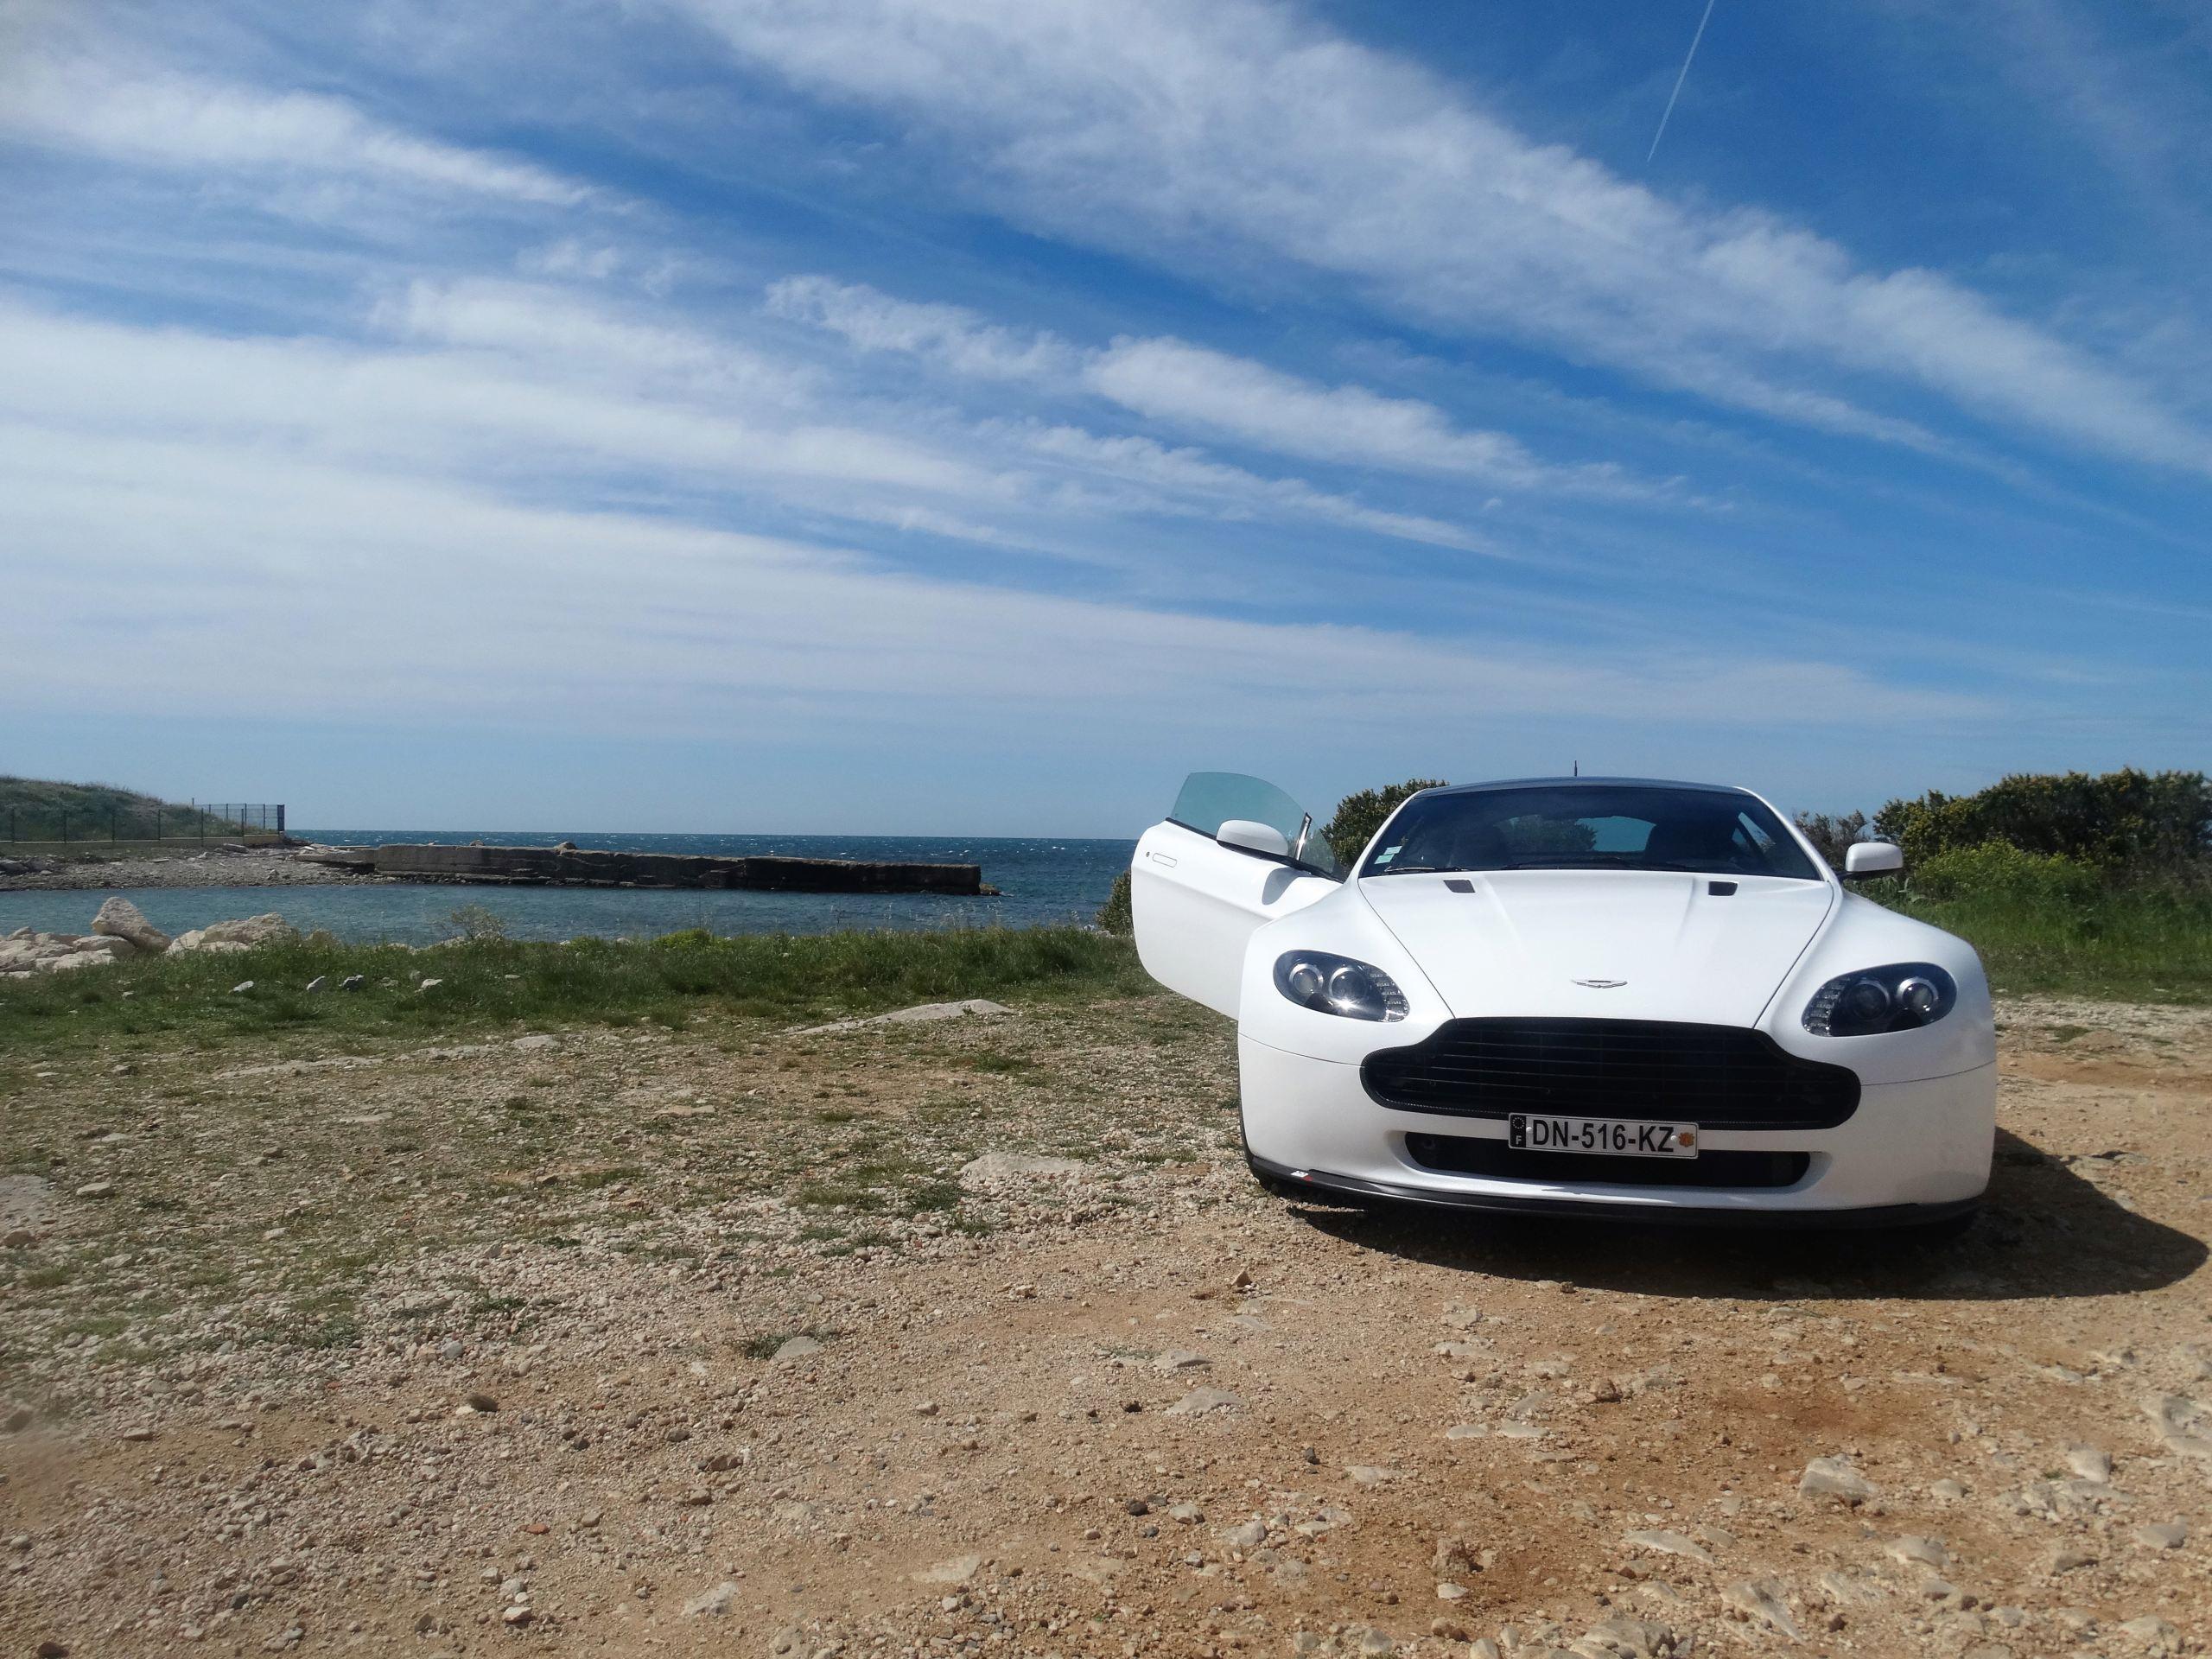 Ahhh Aston Martin...Le post officiel des Astons - Page 2 Dsc00610